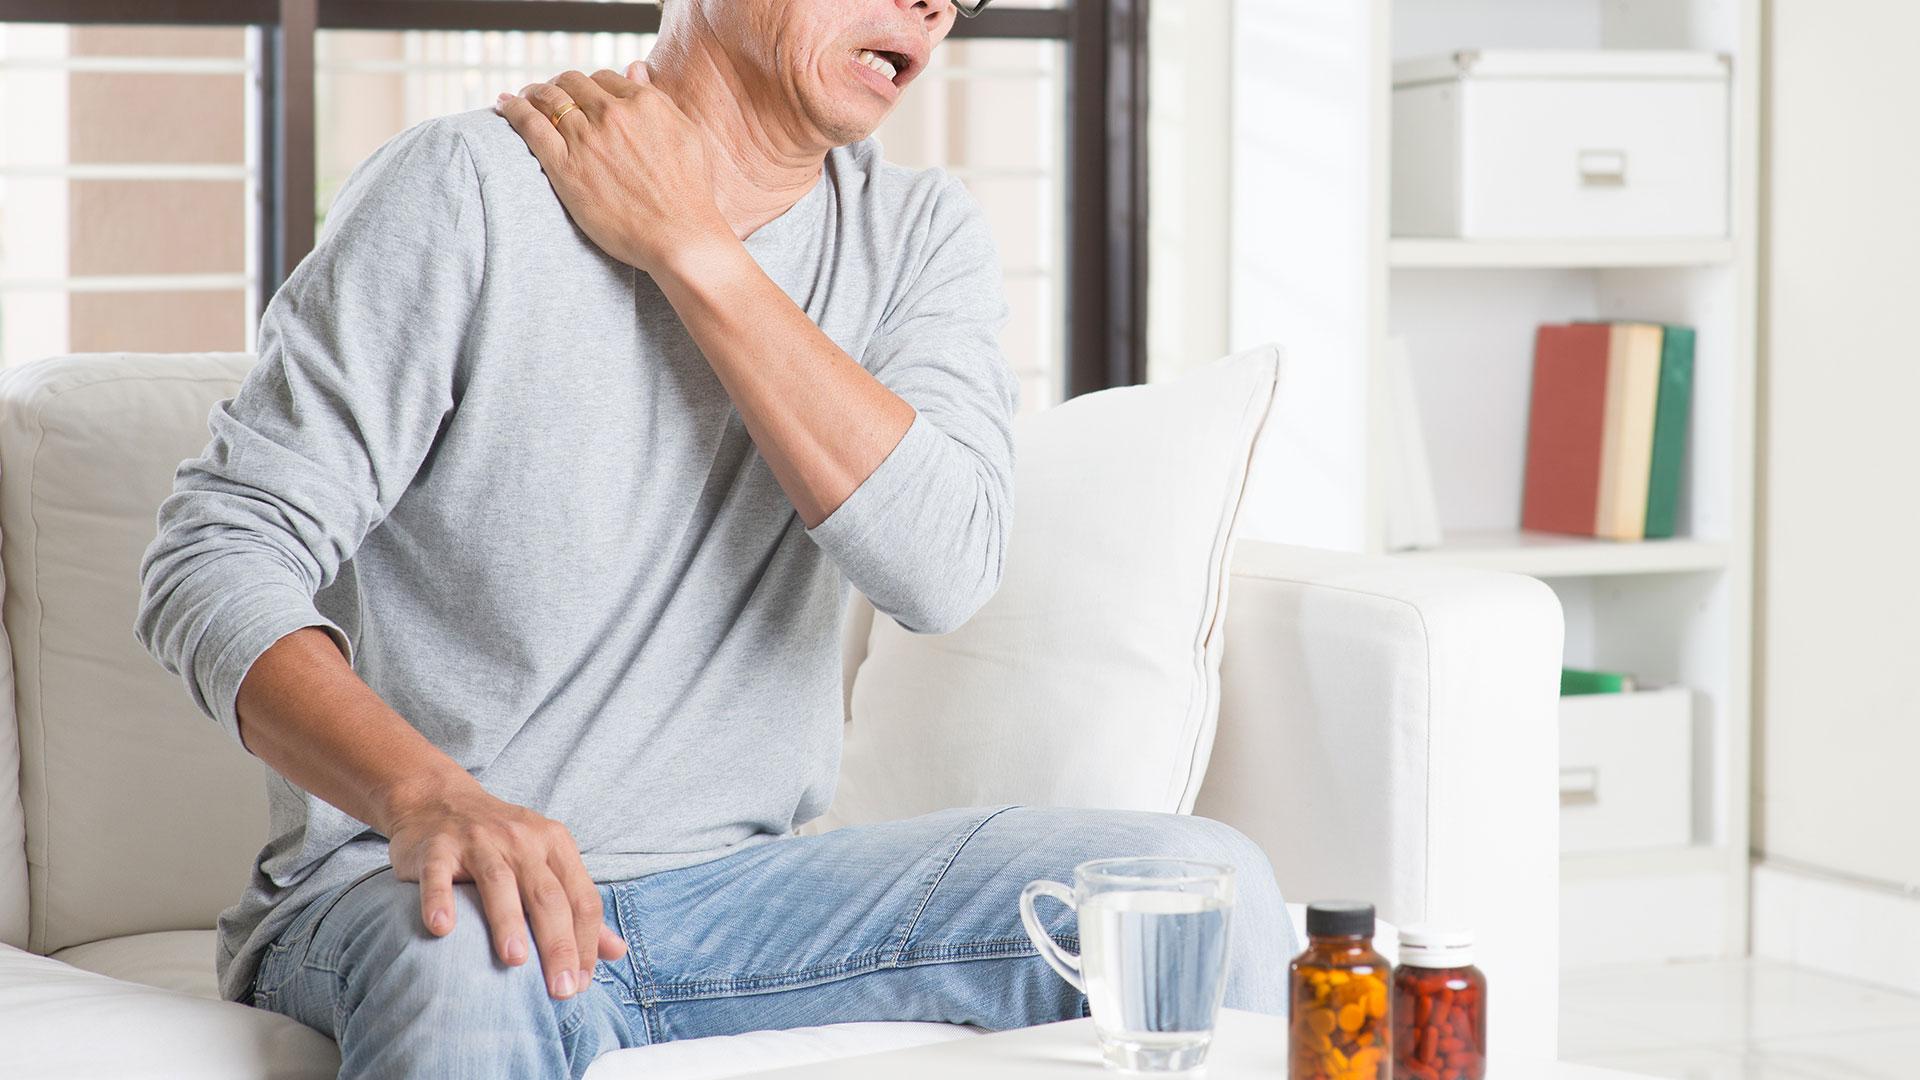 Ketidakaktifan fizikal dilaporkan sebagai faktor risiko morbiditi keempat di dunia¹